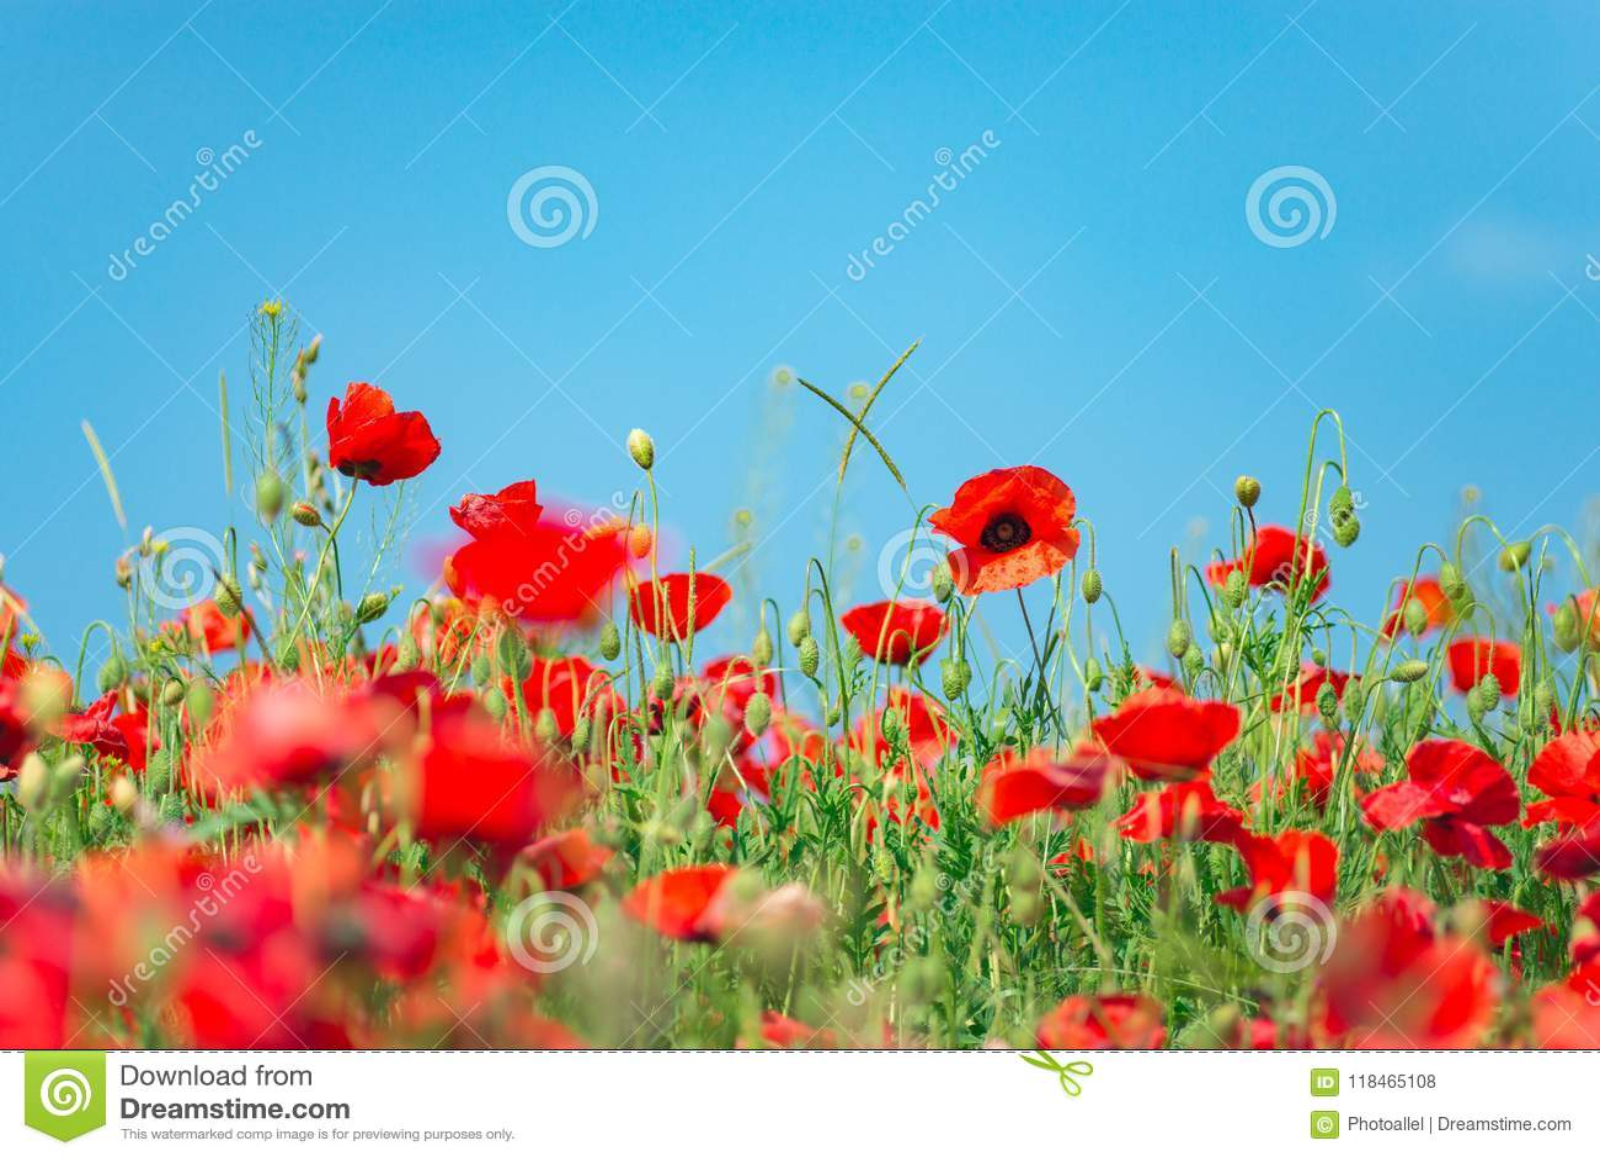 Dia da relembrança, Anzac Day, serenidade Papoila de ópio, planta botânica, ecologia Campo de flor da papoila, colhendo verão e m